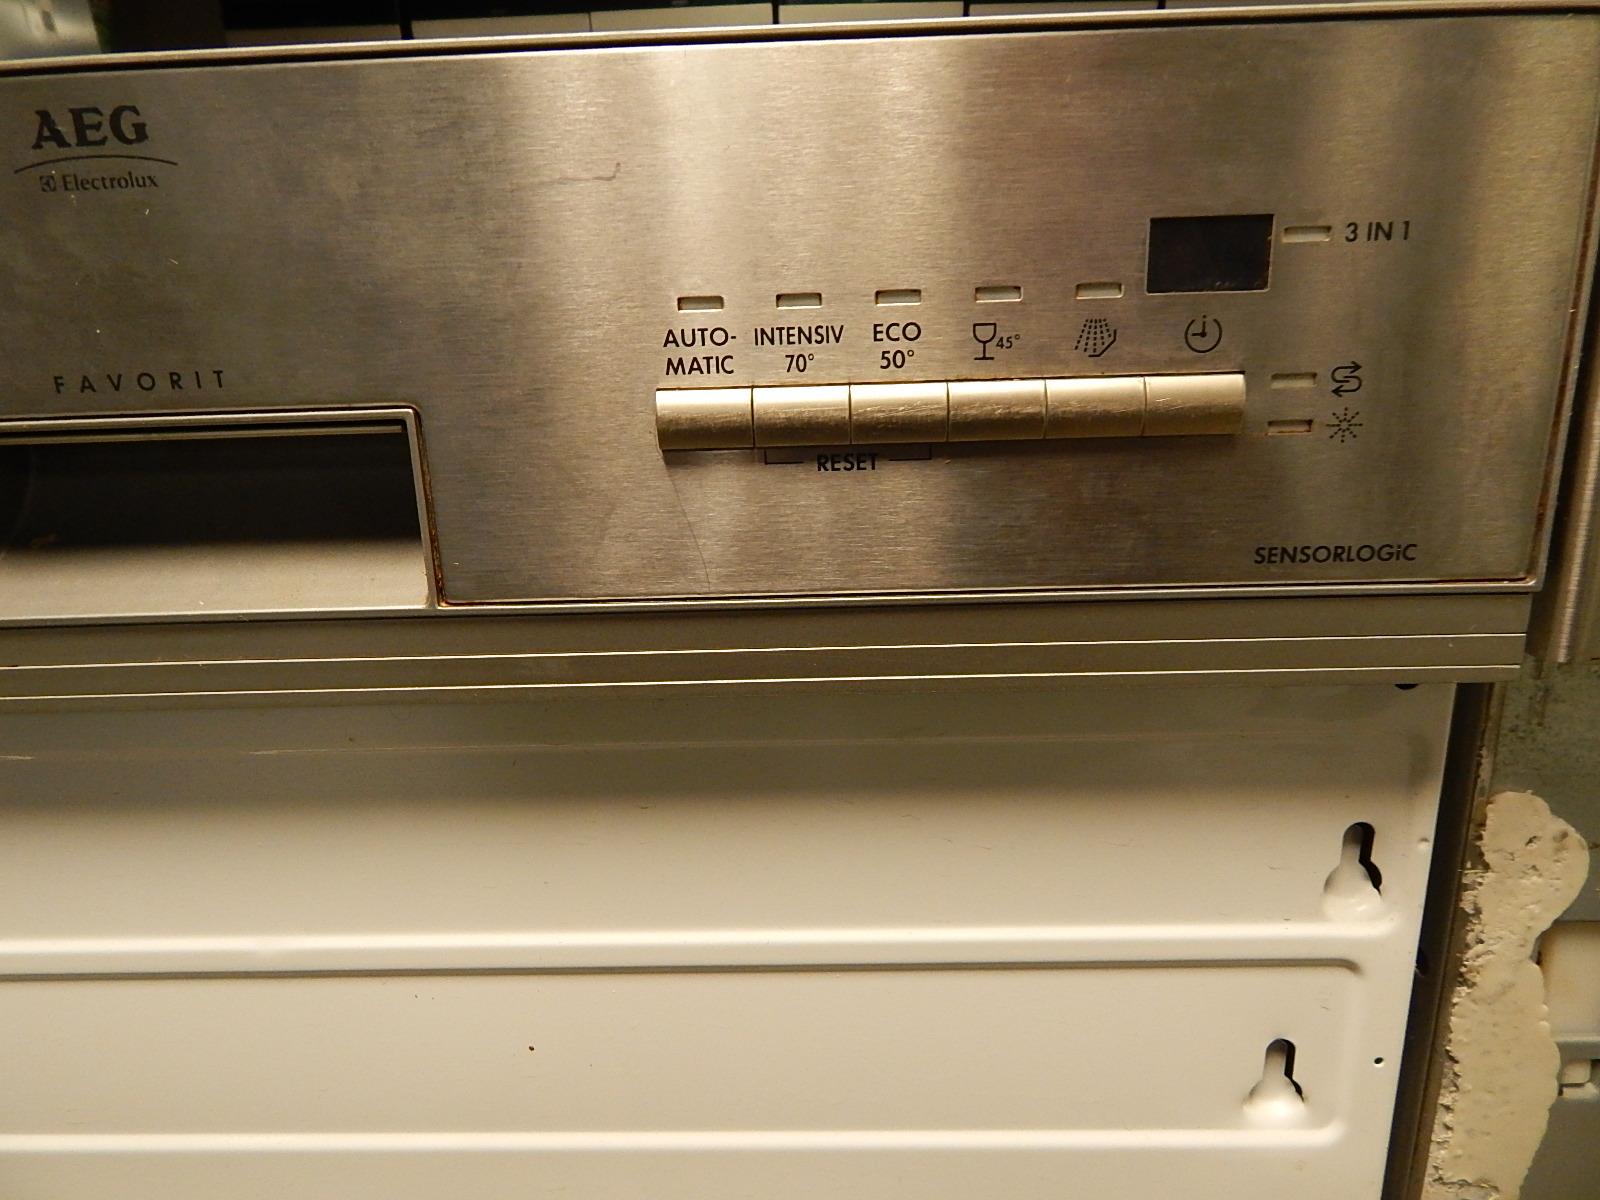 Aeg Keuken Inbouwapparatuur : Aeg half inbouw vaatwasser met heel veel programma s in rvs uitvoering